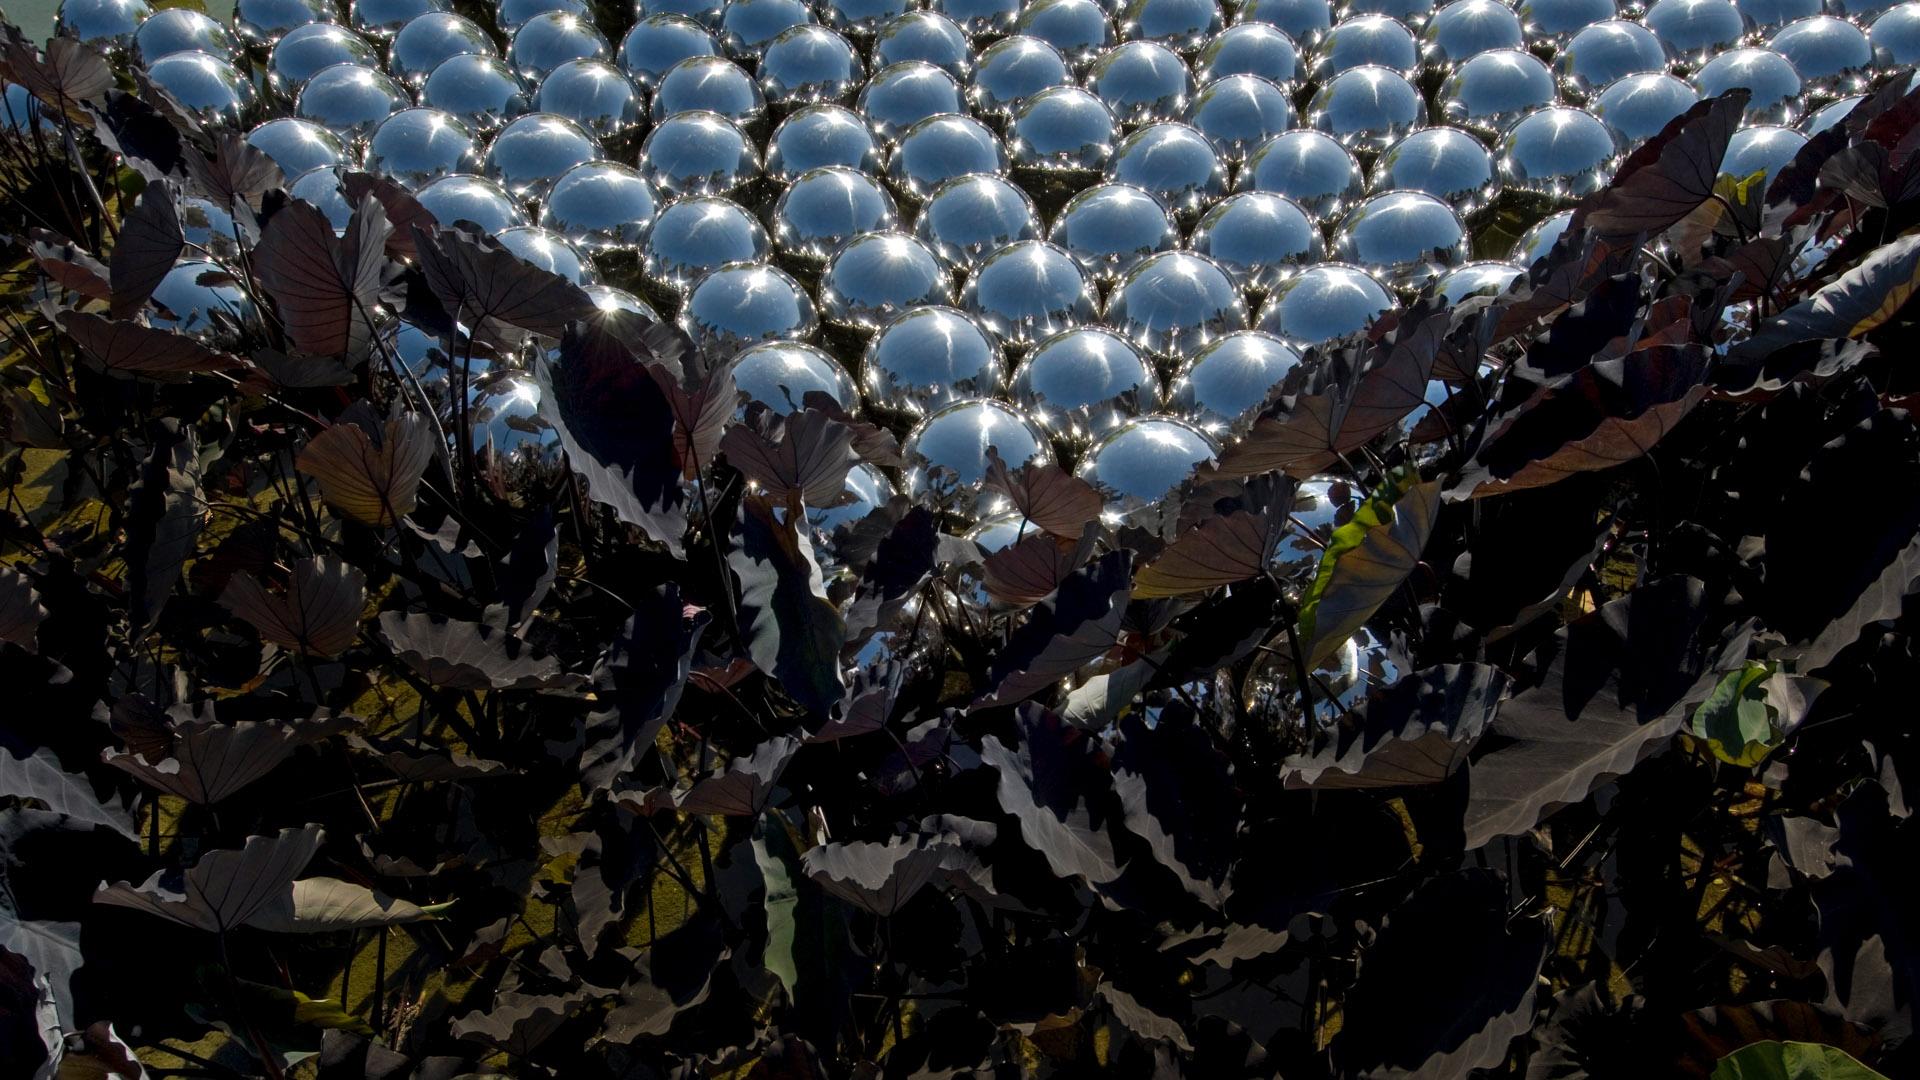 Obra Narcissus Garden Inhotim, 2009,  de Yayoi Kusama. Acervo de arte contemporânea do Inhotim